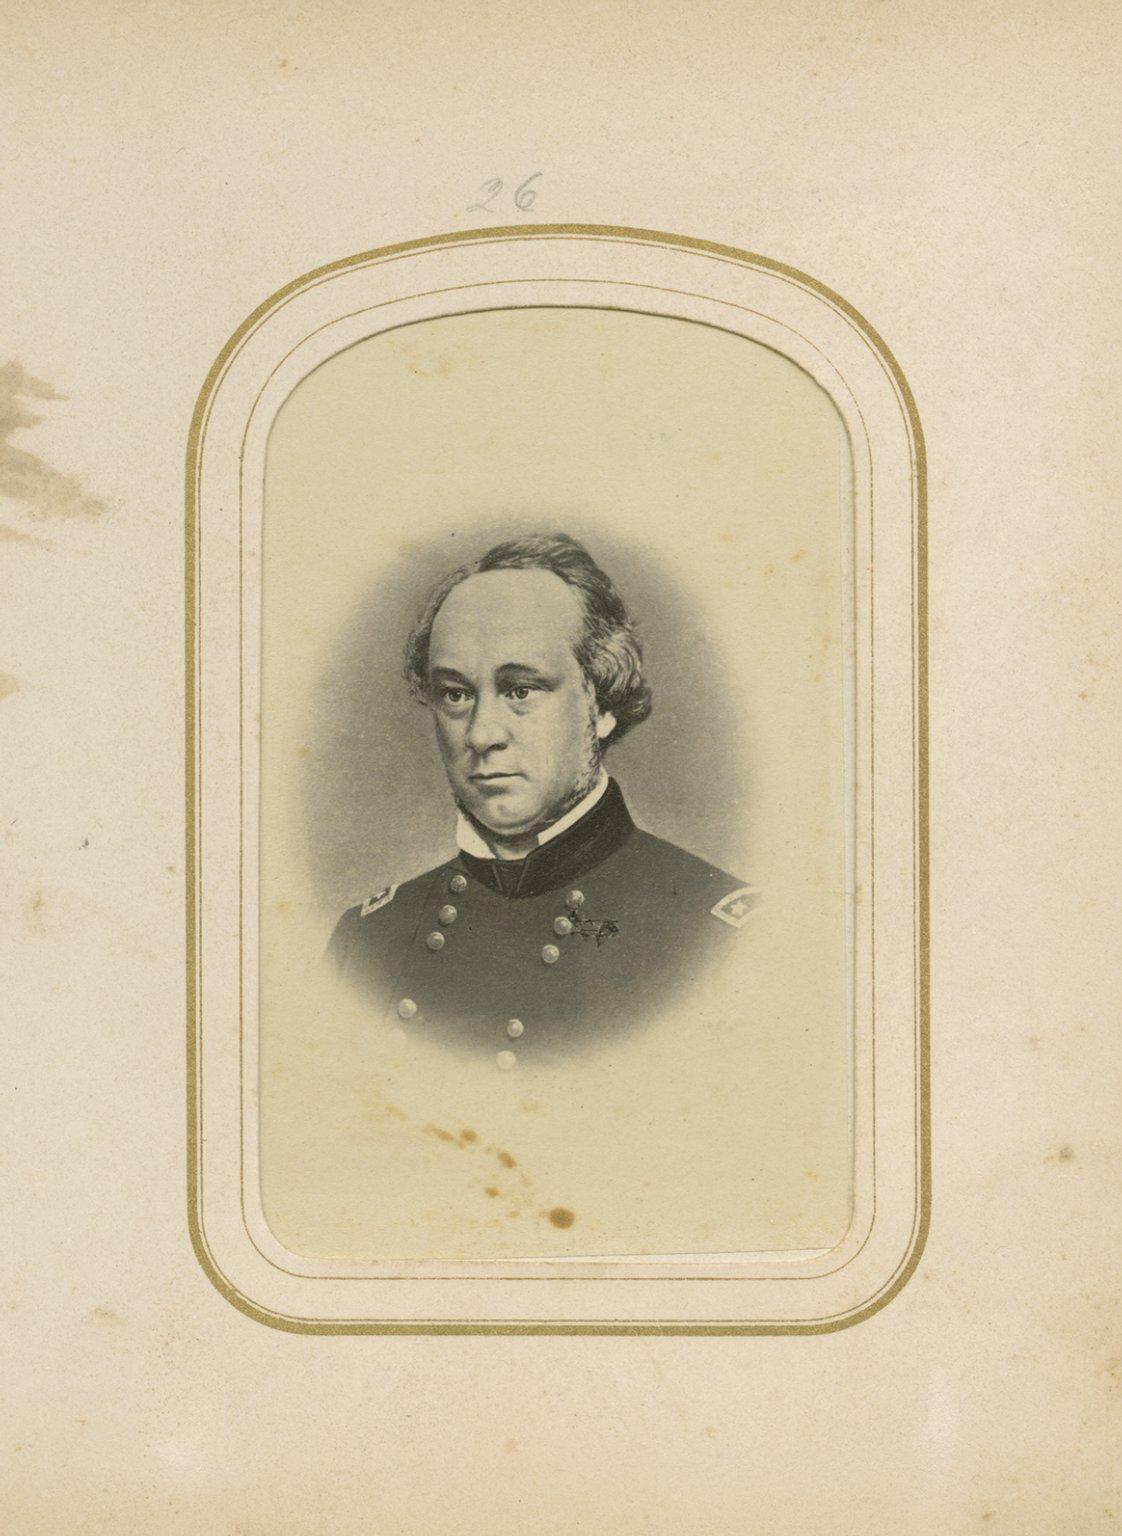 Gen. Henry W. Halleck